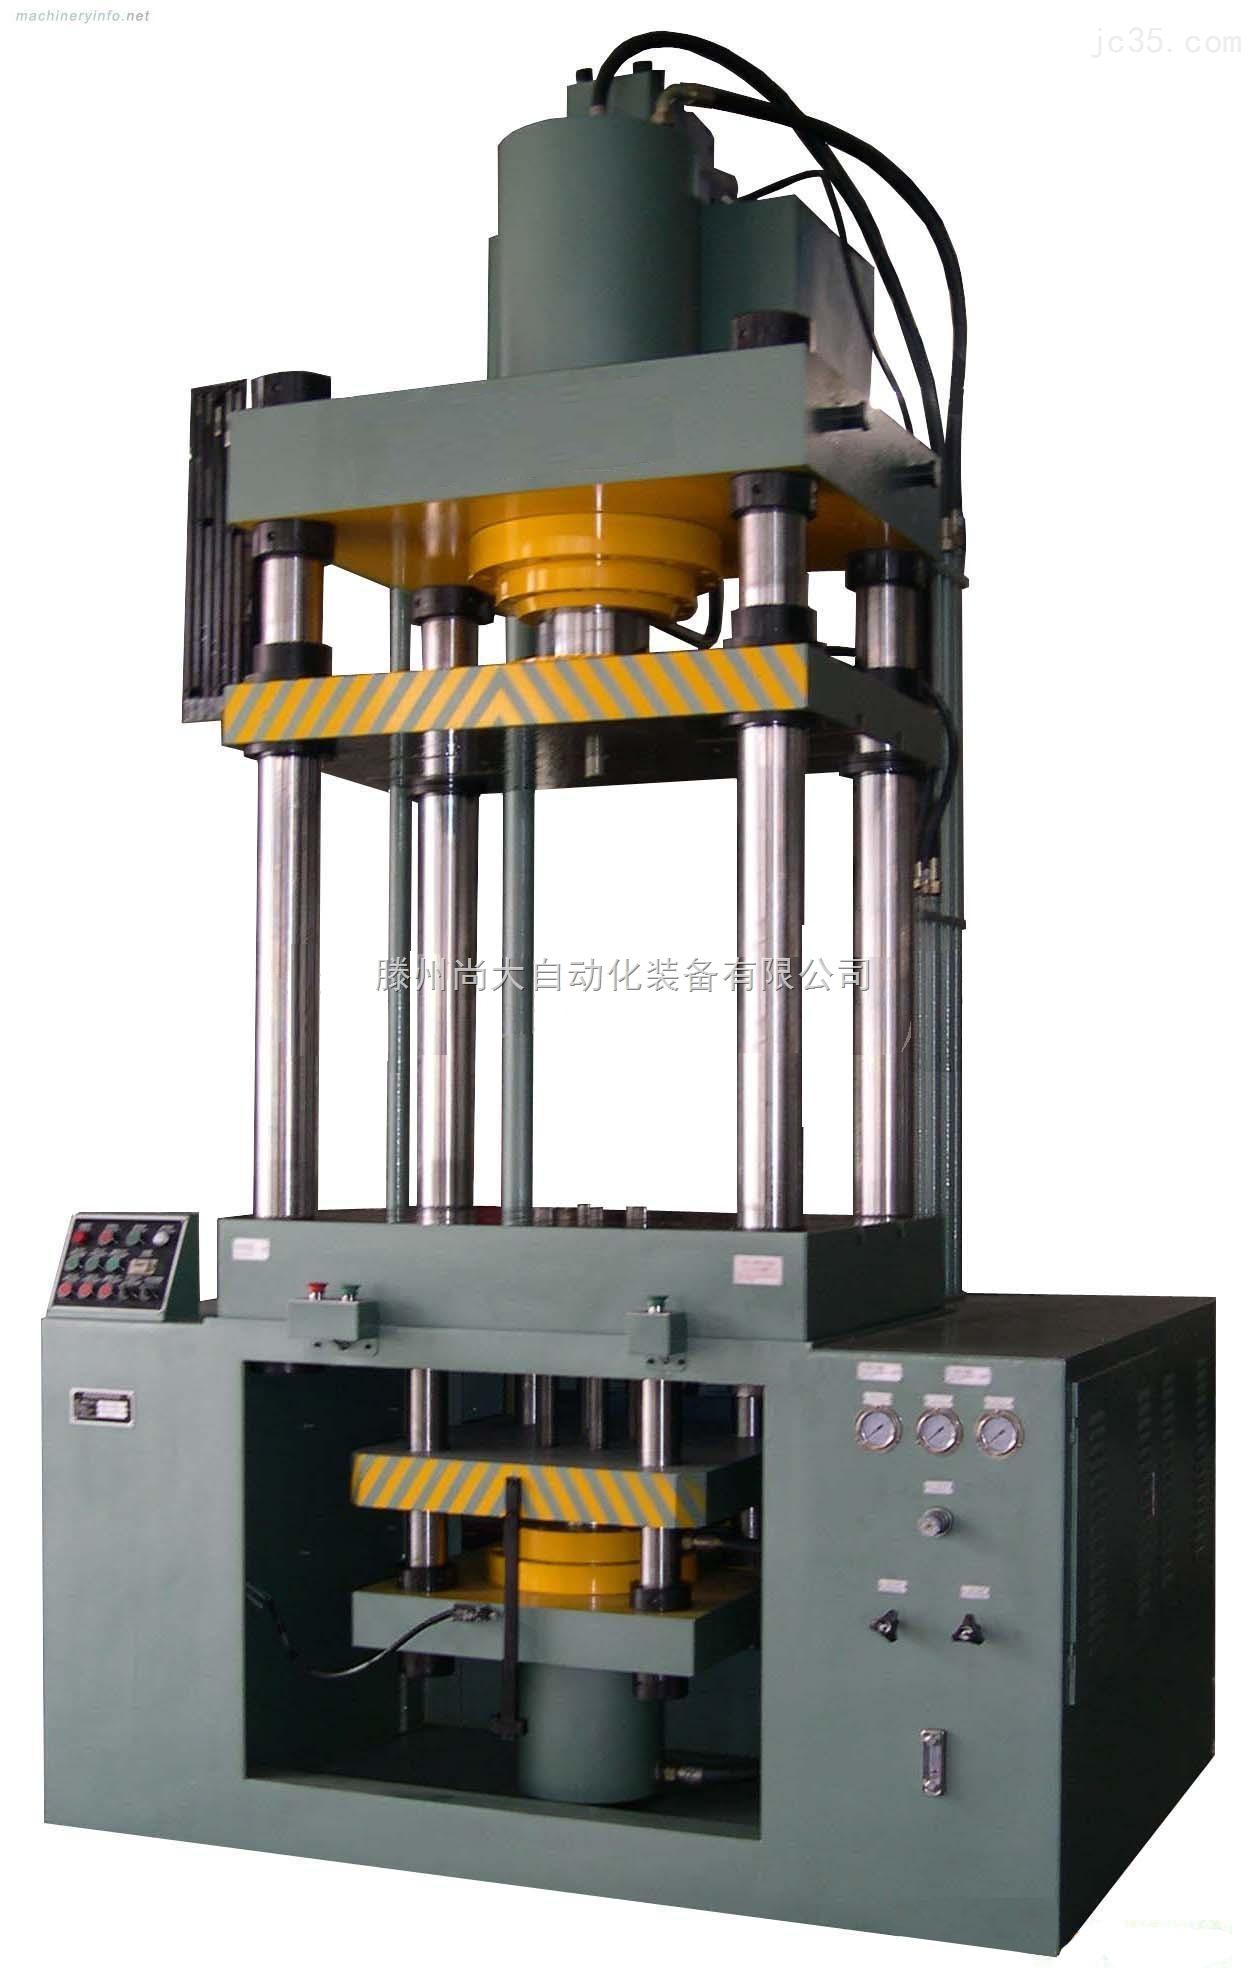 快速四柱油压机|四柱油压机厂家|四柱油压机批发